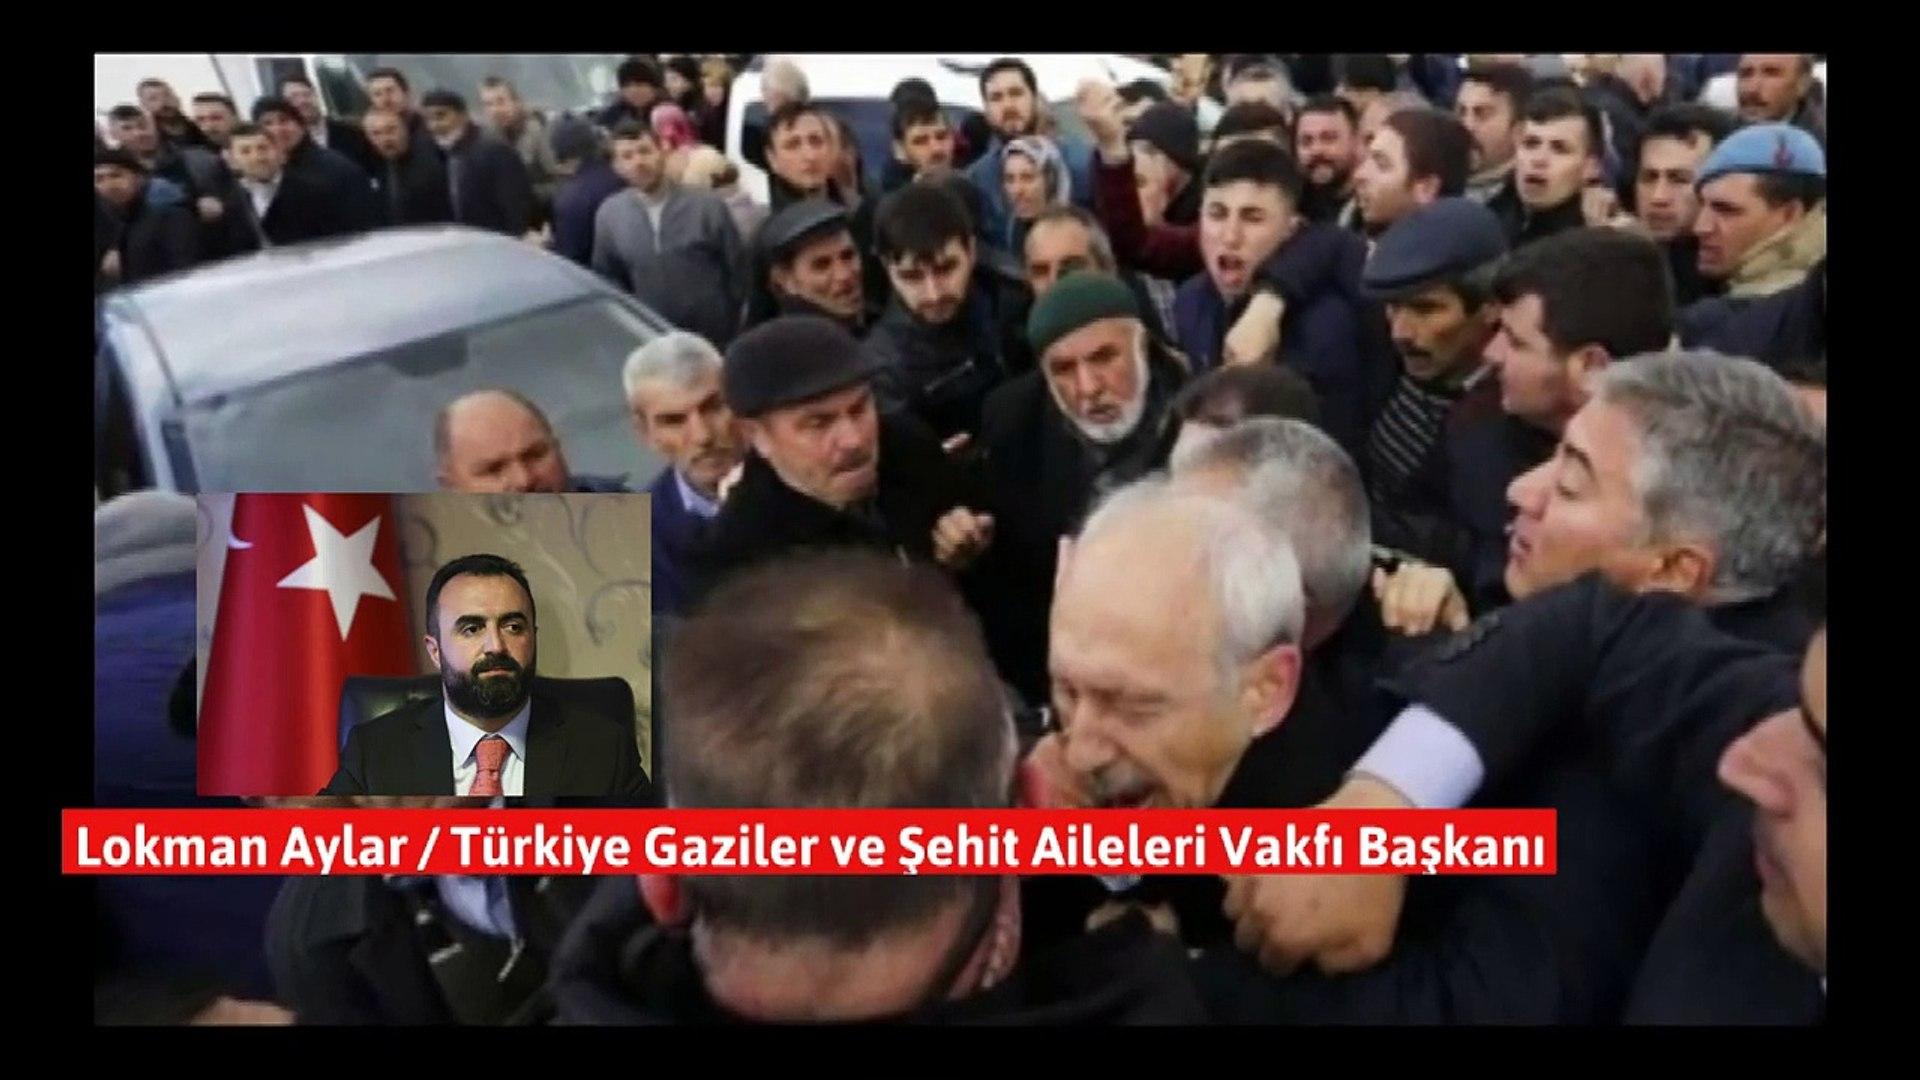 Gaziler Ve Şehit Aileleri Vakfı'ndan 'Kılıçdaroğlu'na saldırı' açıklaması!